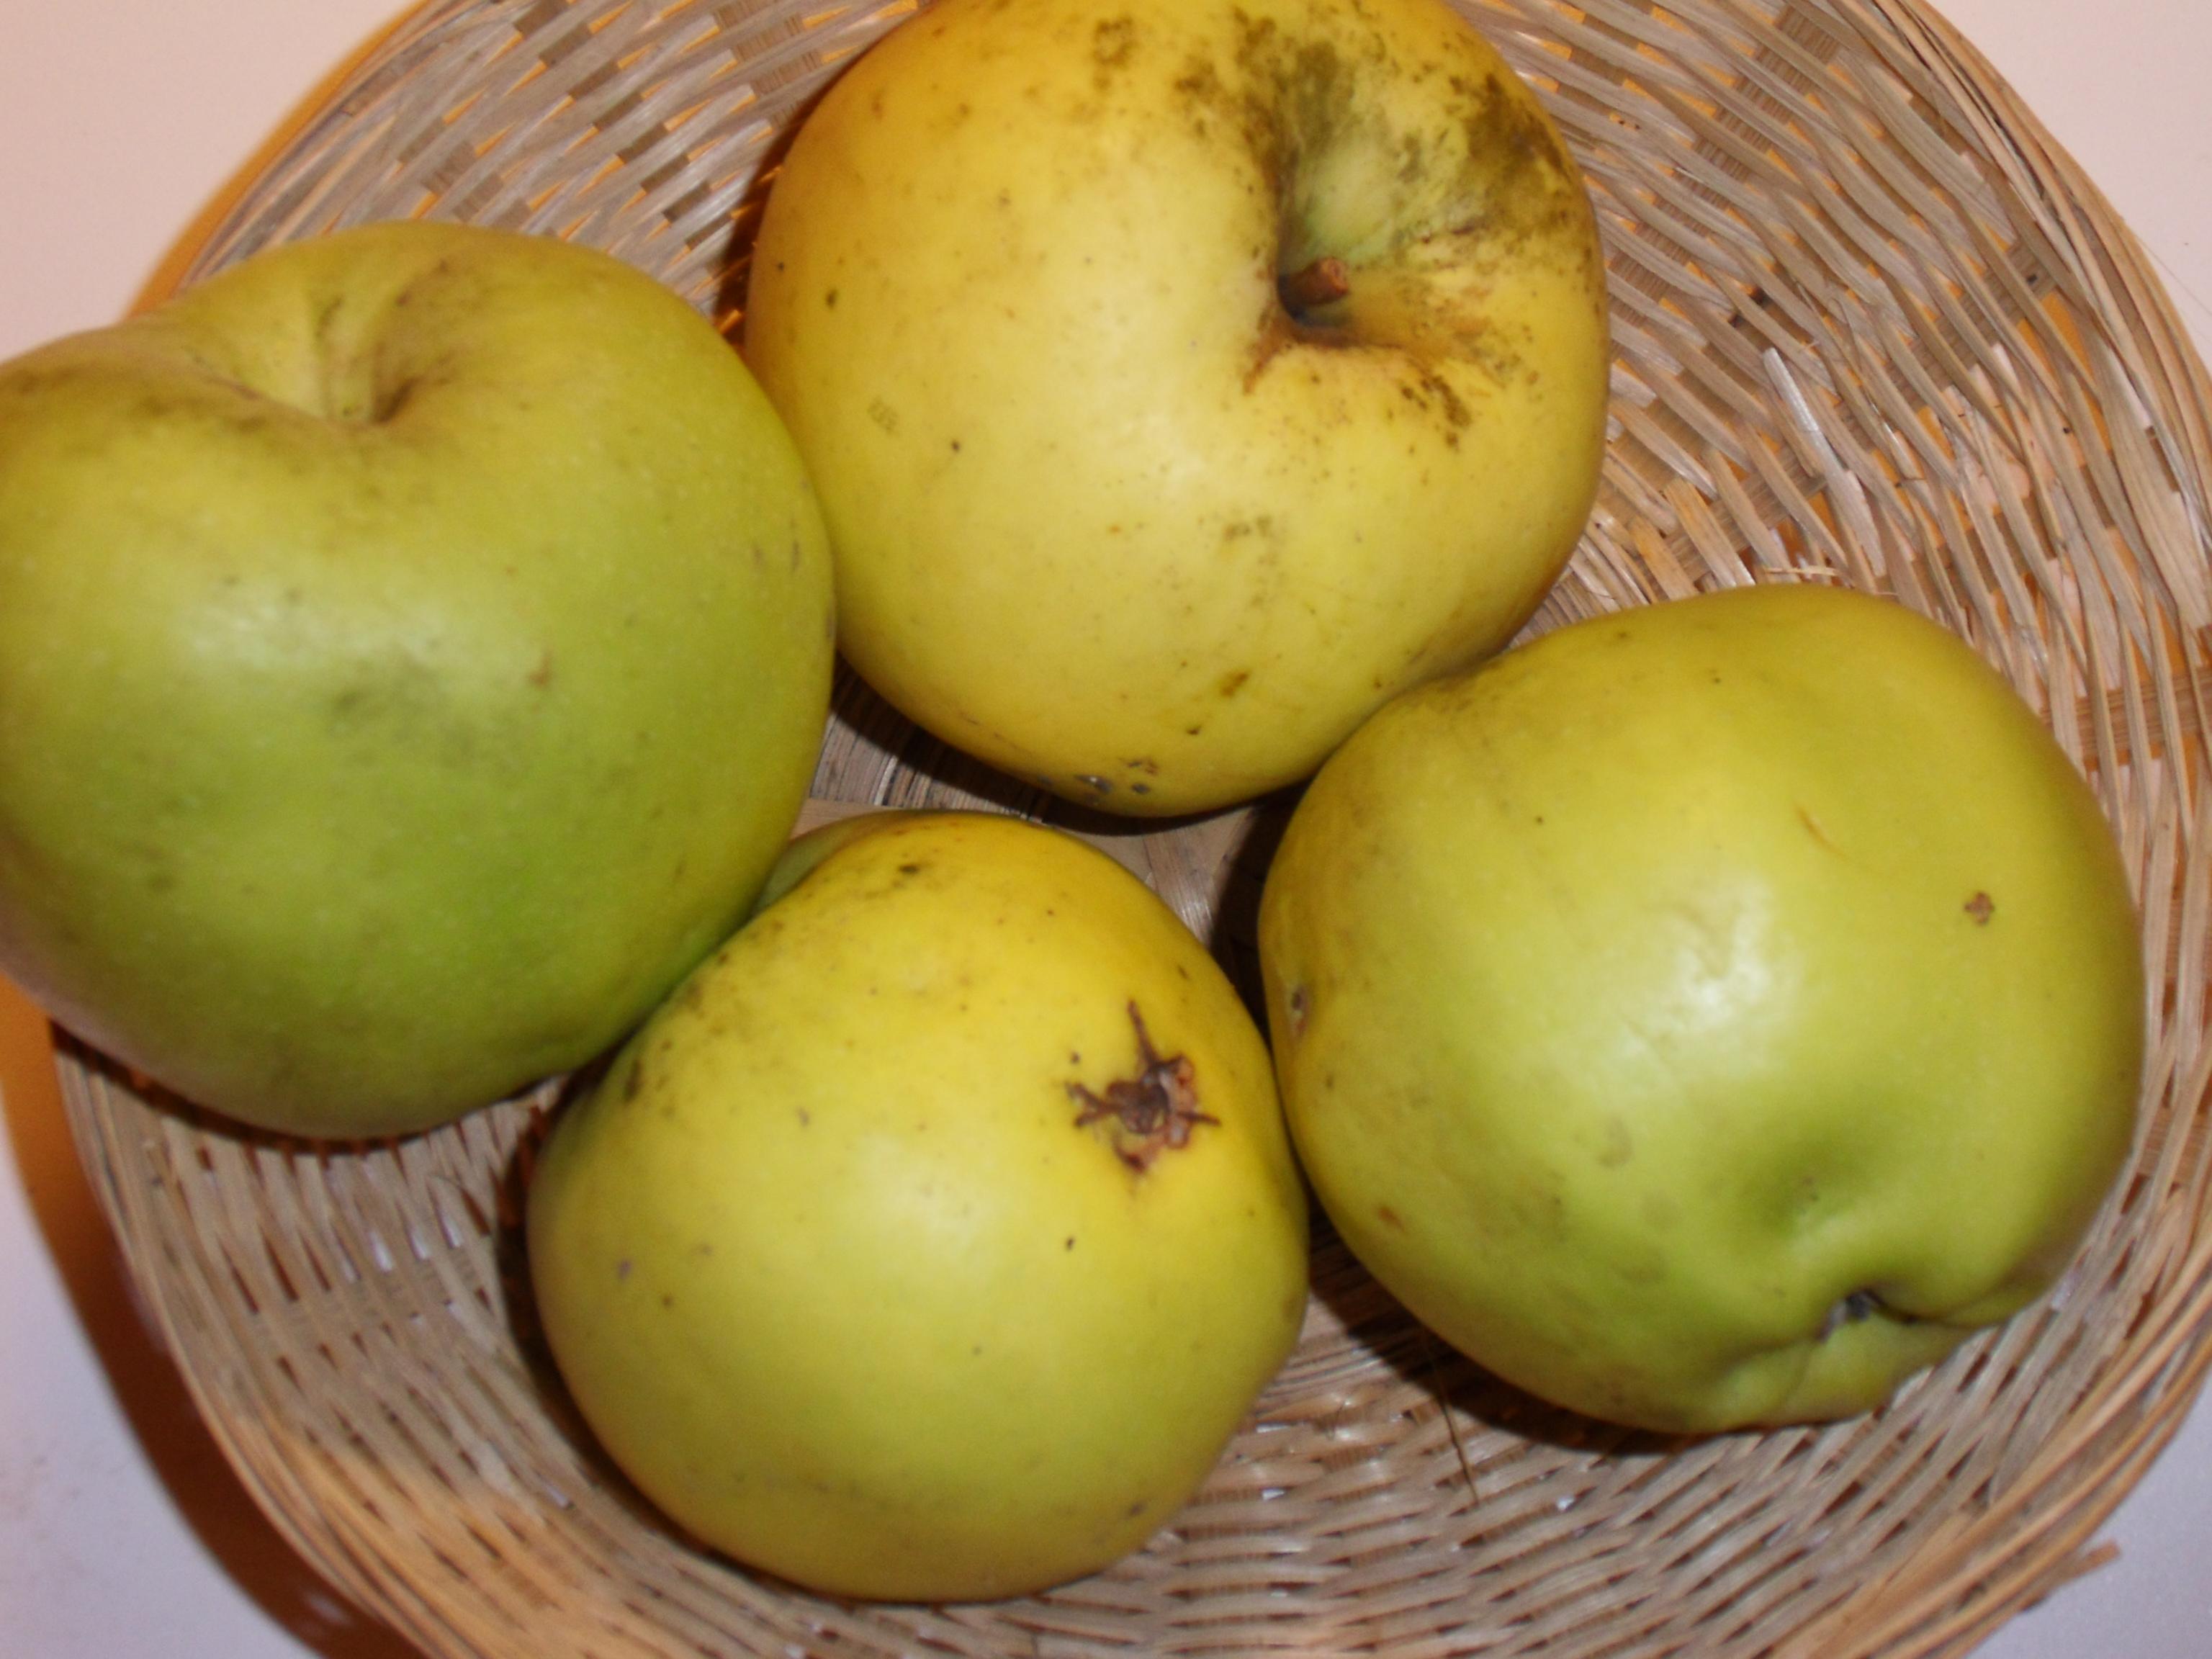 Ménagère 2 (fruit).